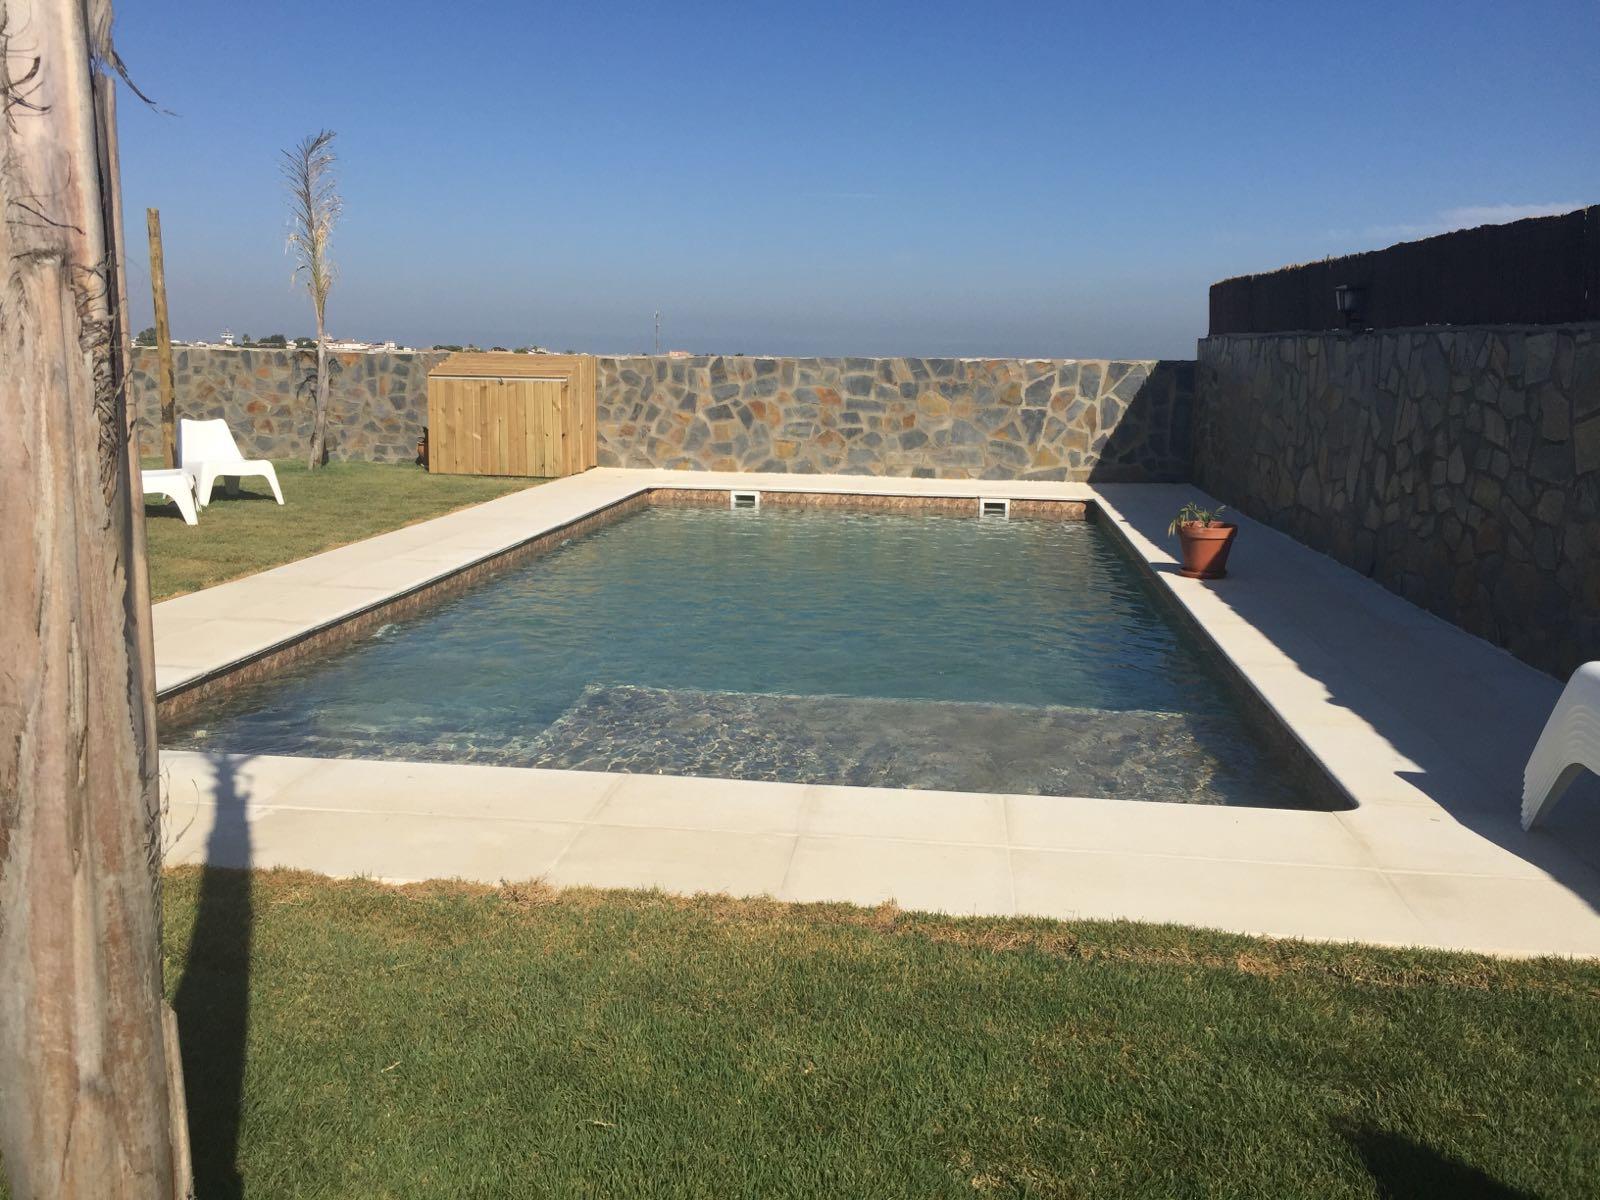 Ventajas de tener una piscina en casa incrementa el valor - Valor de una casa ...